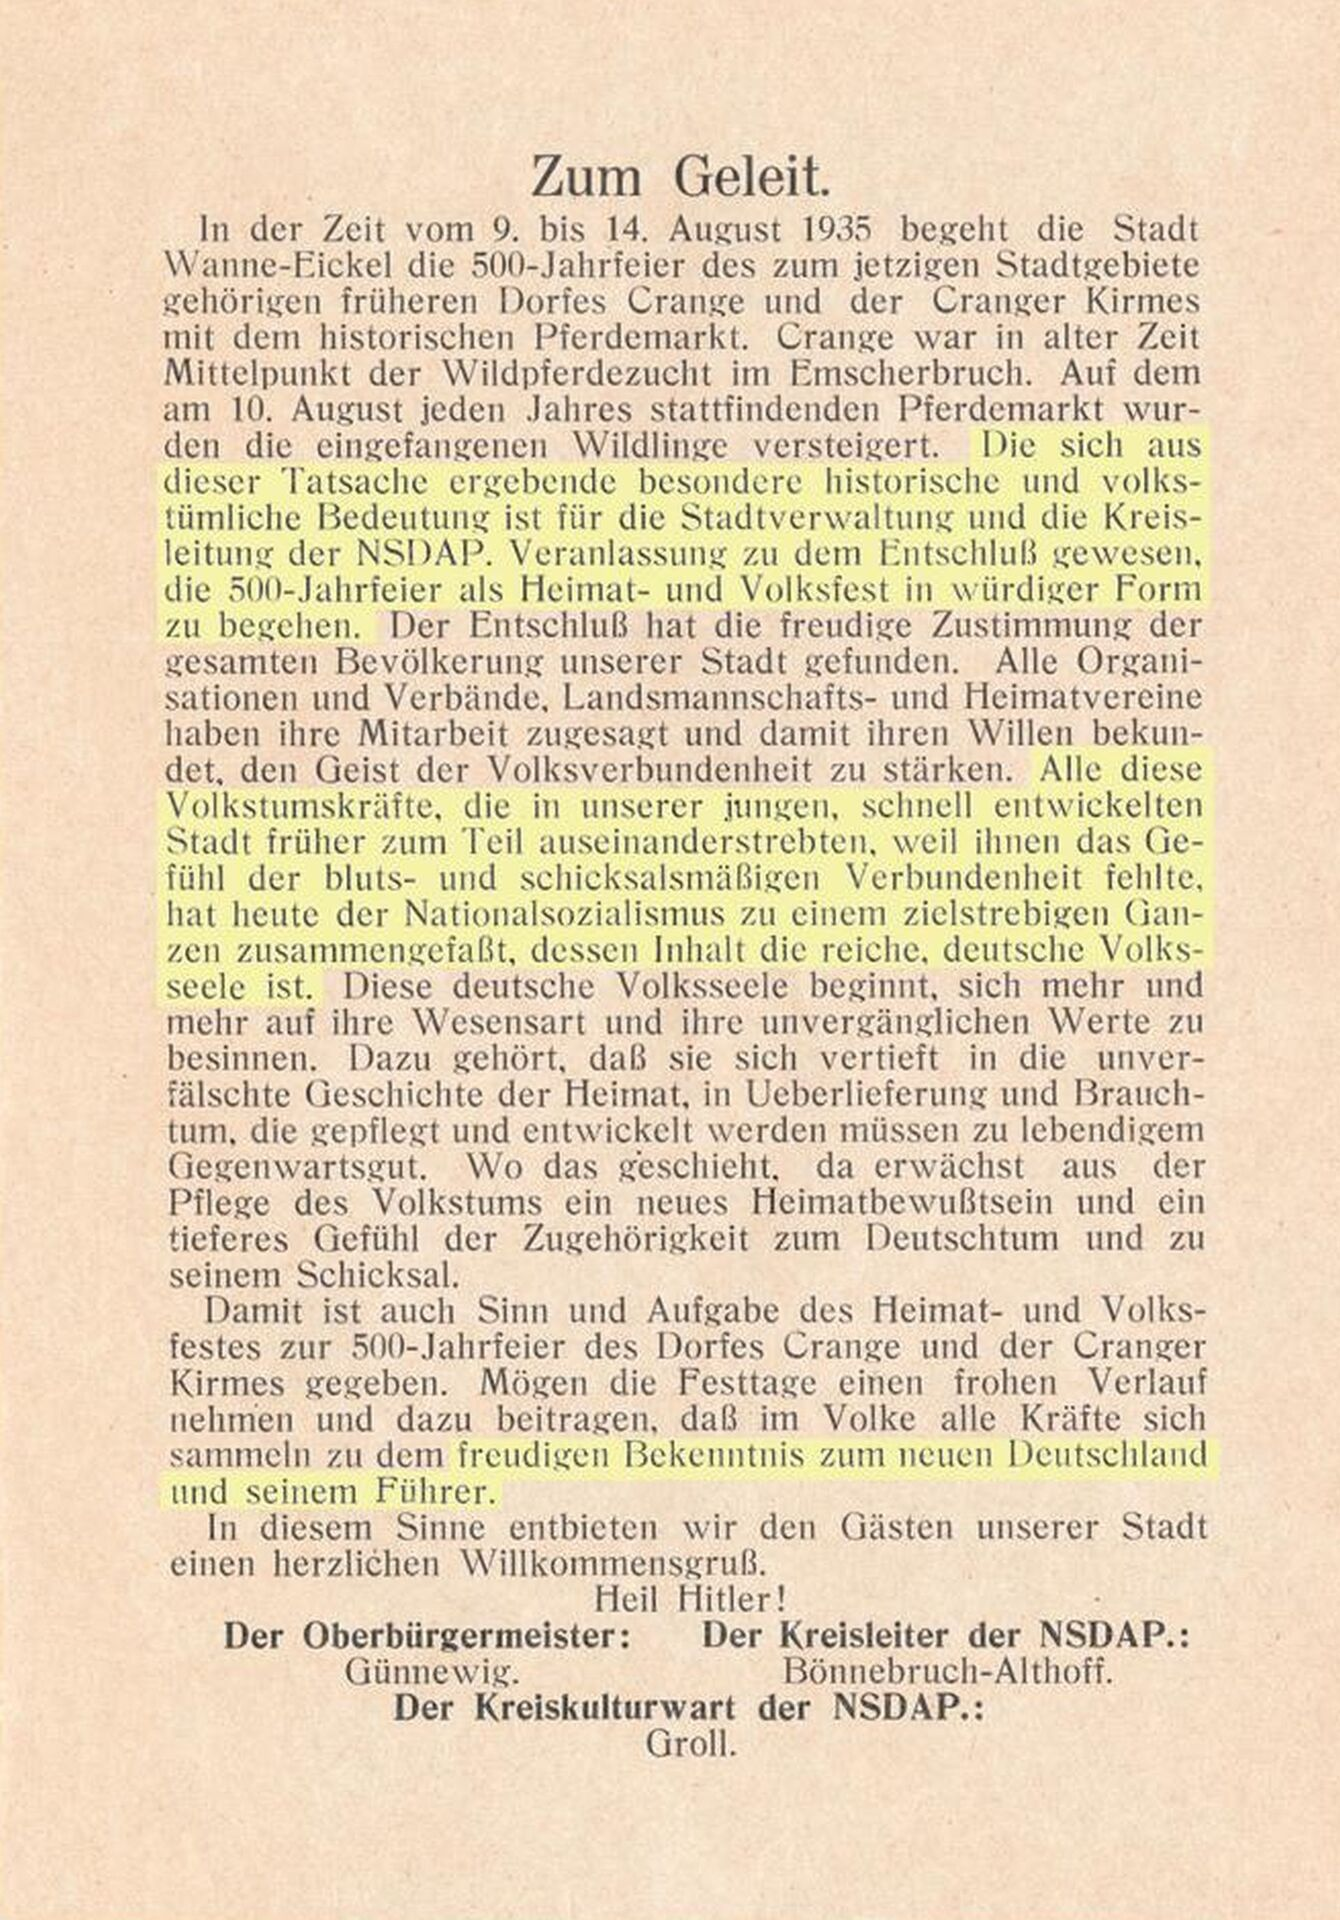 Festschrift '500 Jahre Dorf Crange und Cranger Kirmes', Zum Geleit, 1935.jpg